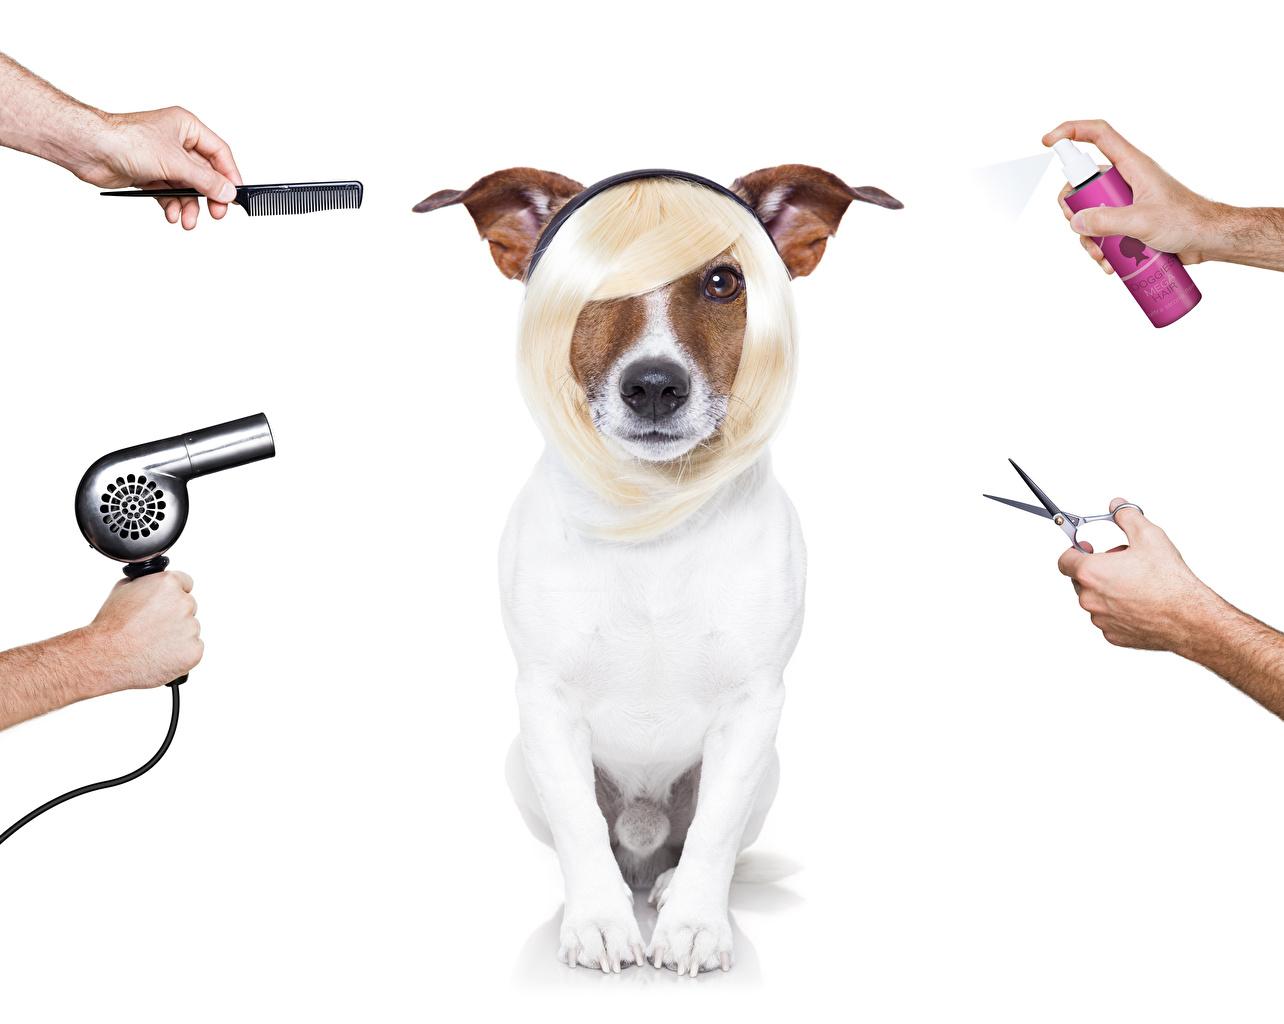 Фотографии Джек-рассел-терьер Собаки феном прически Руки Животные белом фоне собака Фен Причёска рука животное Белый фон белым фоном